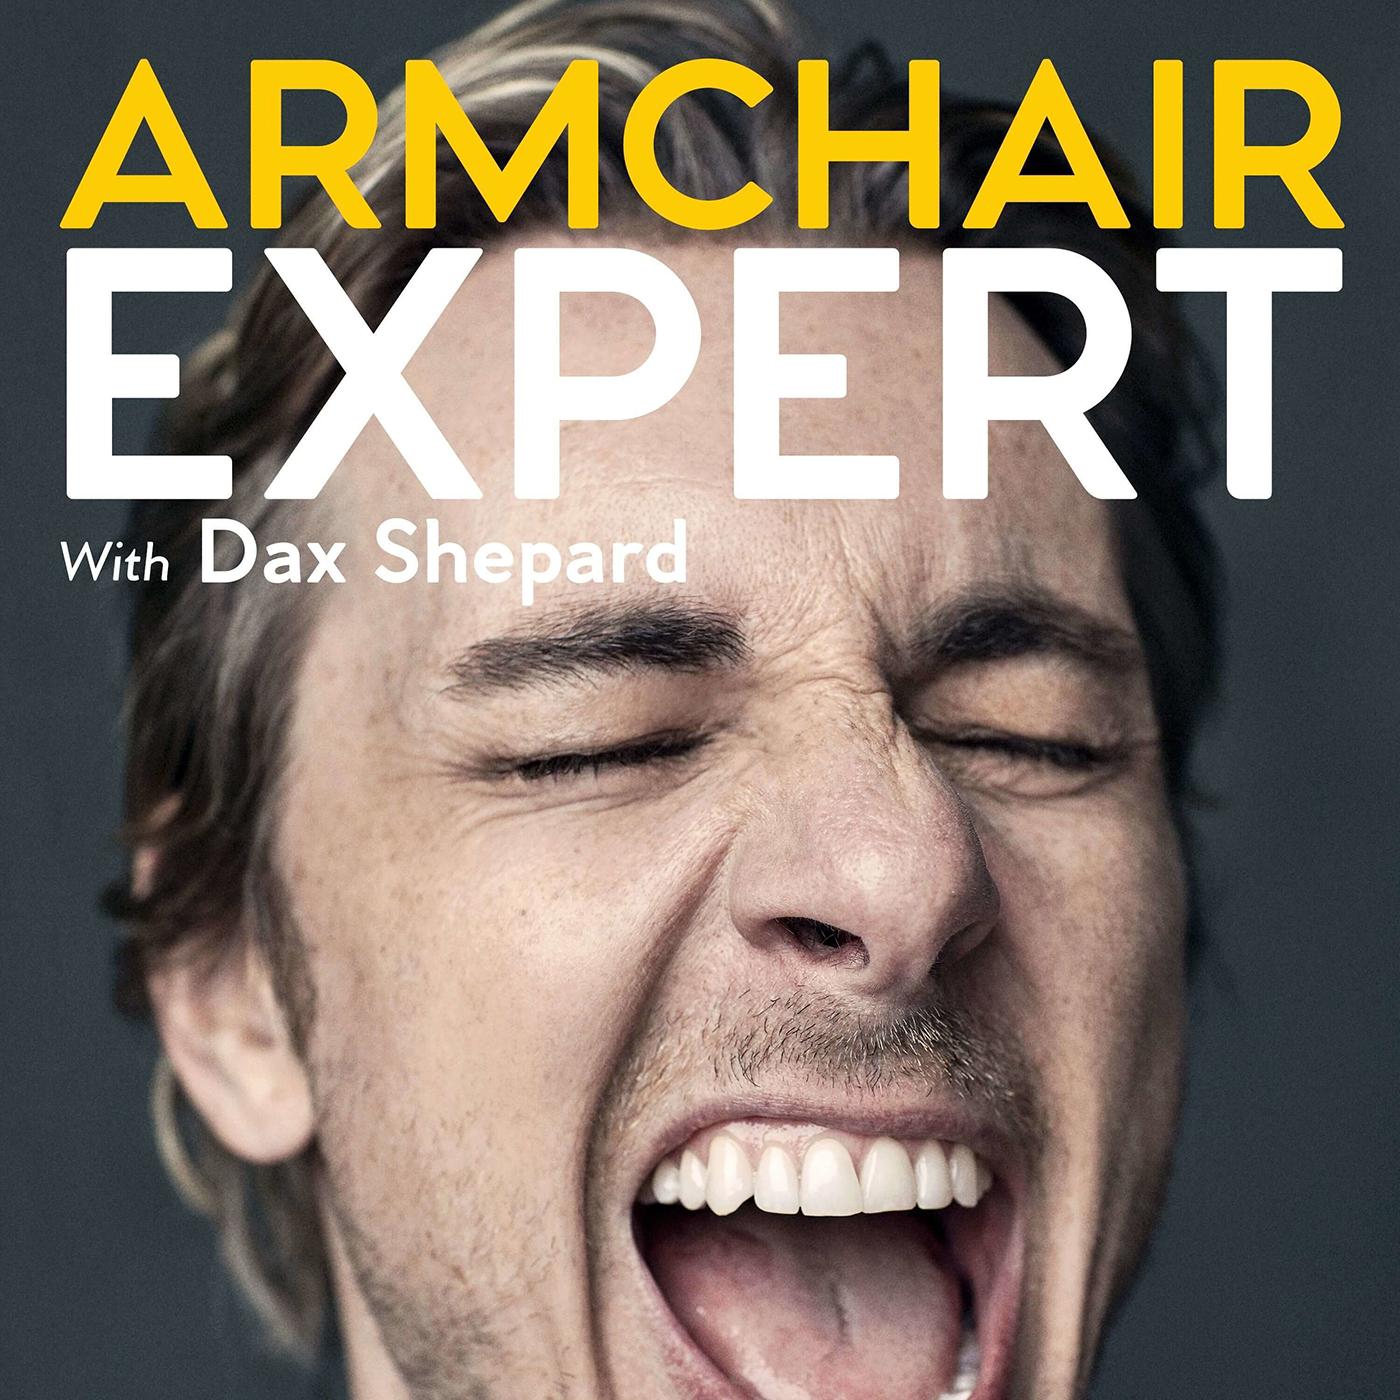 ArmchairExpert.jpg